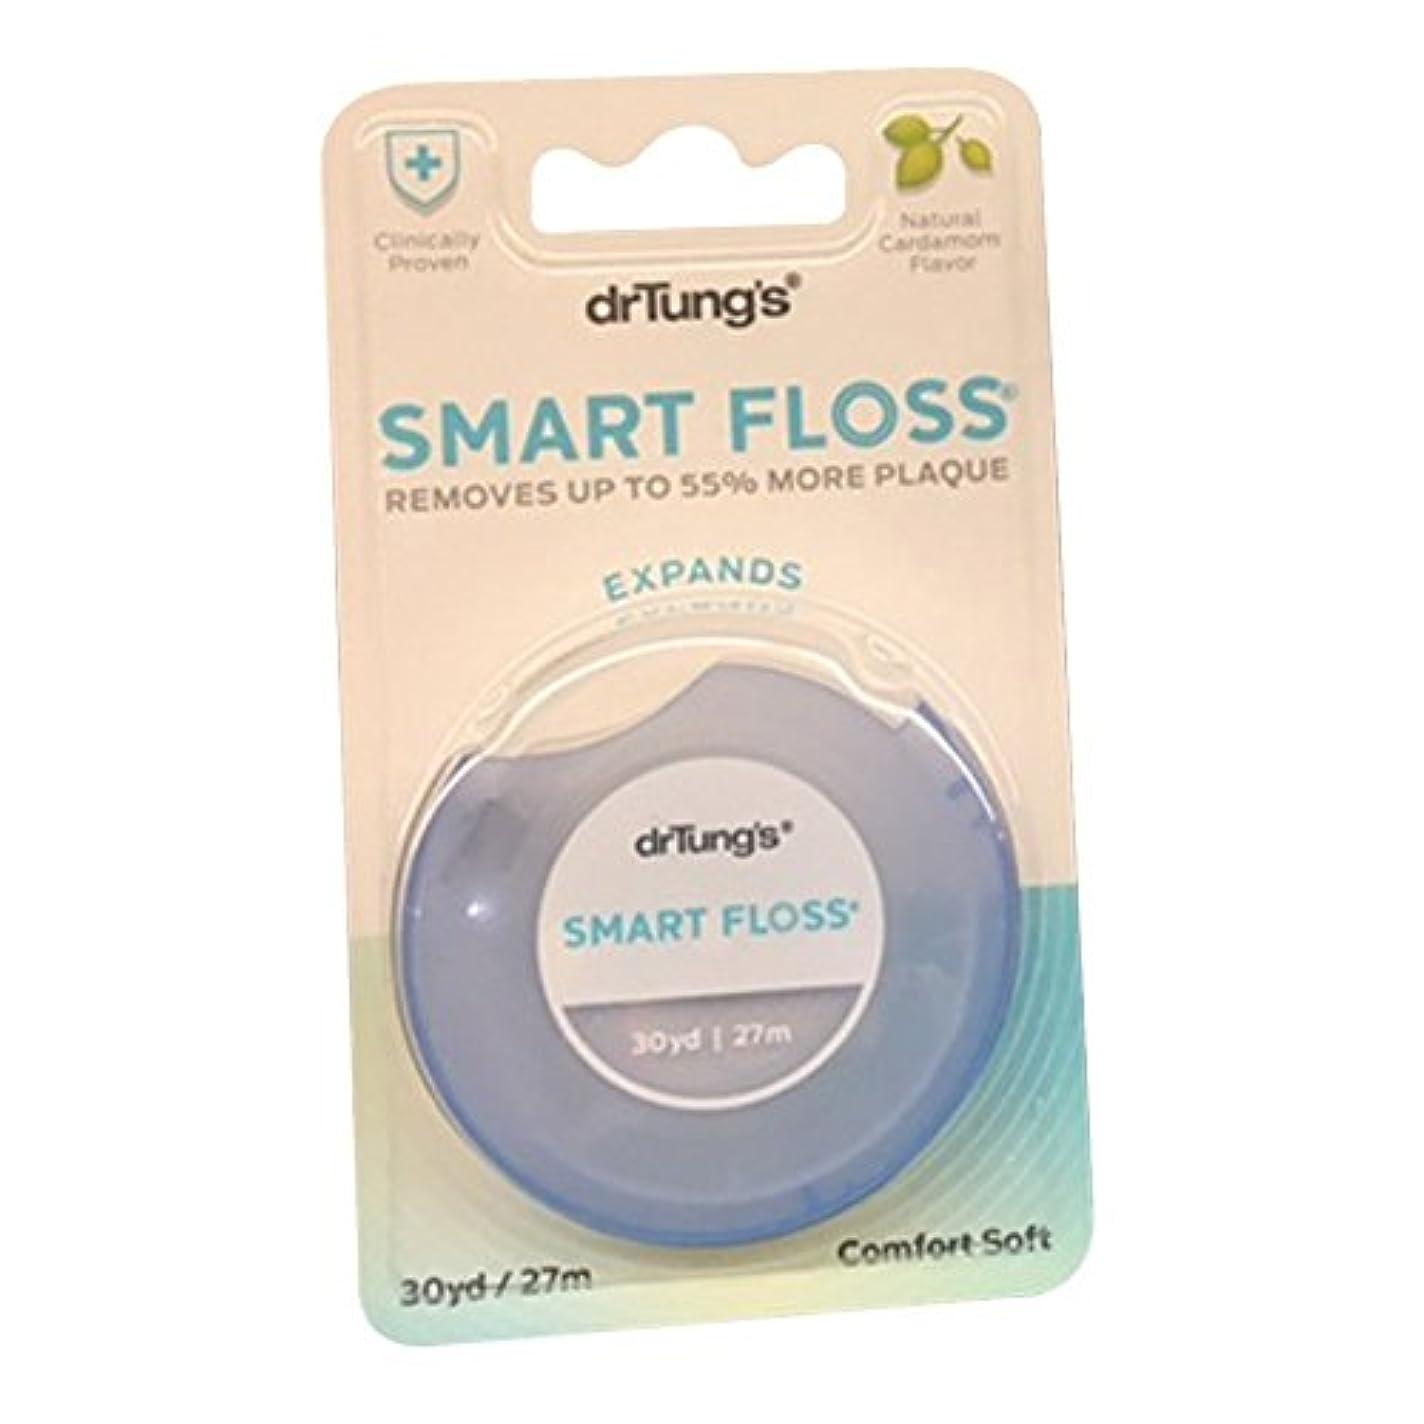 契約司令官可愛い【並行輸入品】Dr. Tung's Products: Smart Floss Dental Floss 30 yards (12 pack)